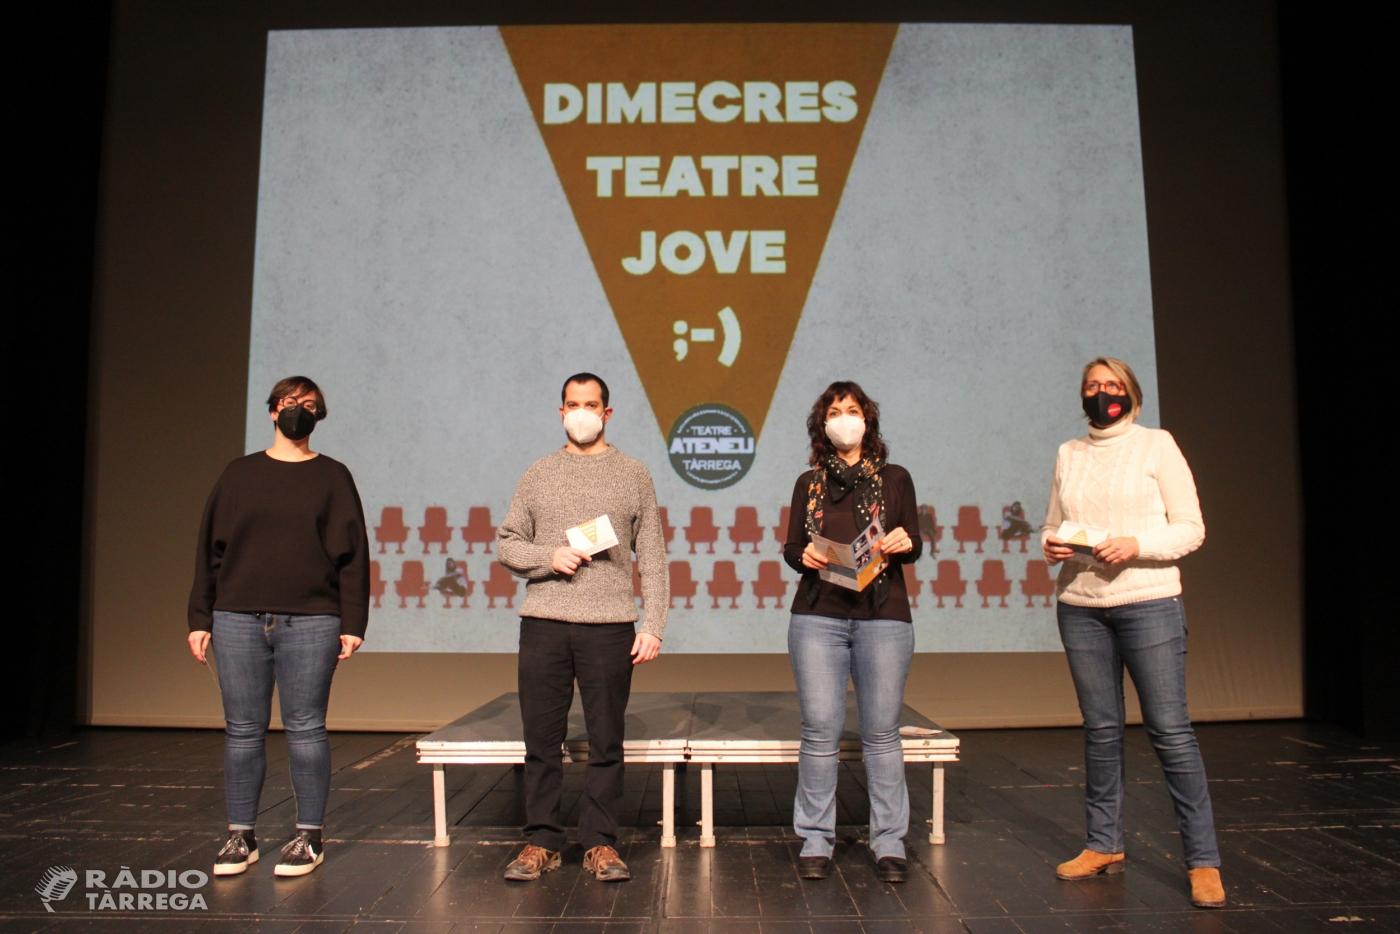 Tàrrega amplia la programació teatral amb dos nous cicles adreçats a públic jove i familiar